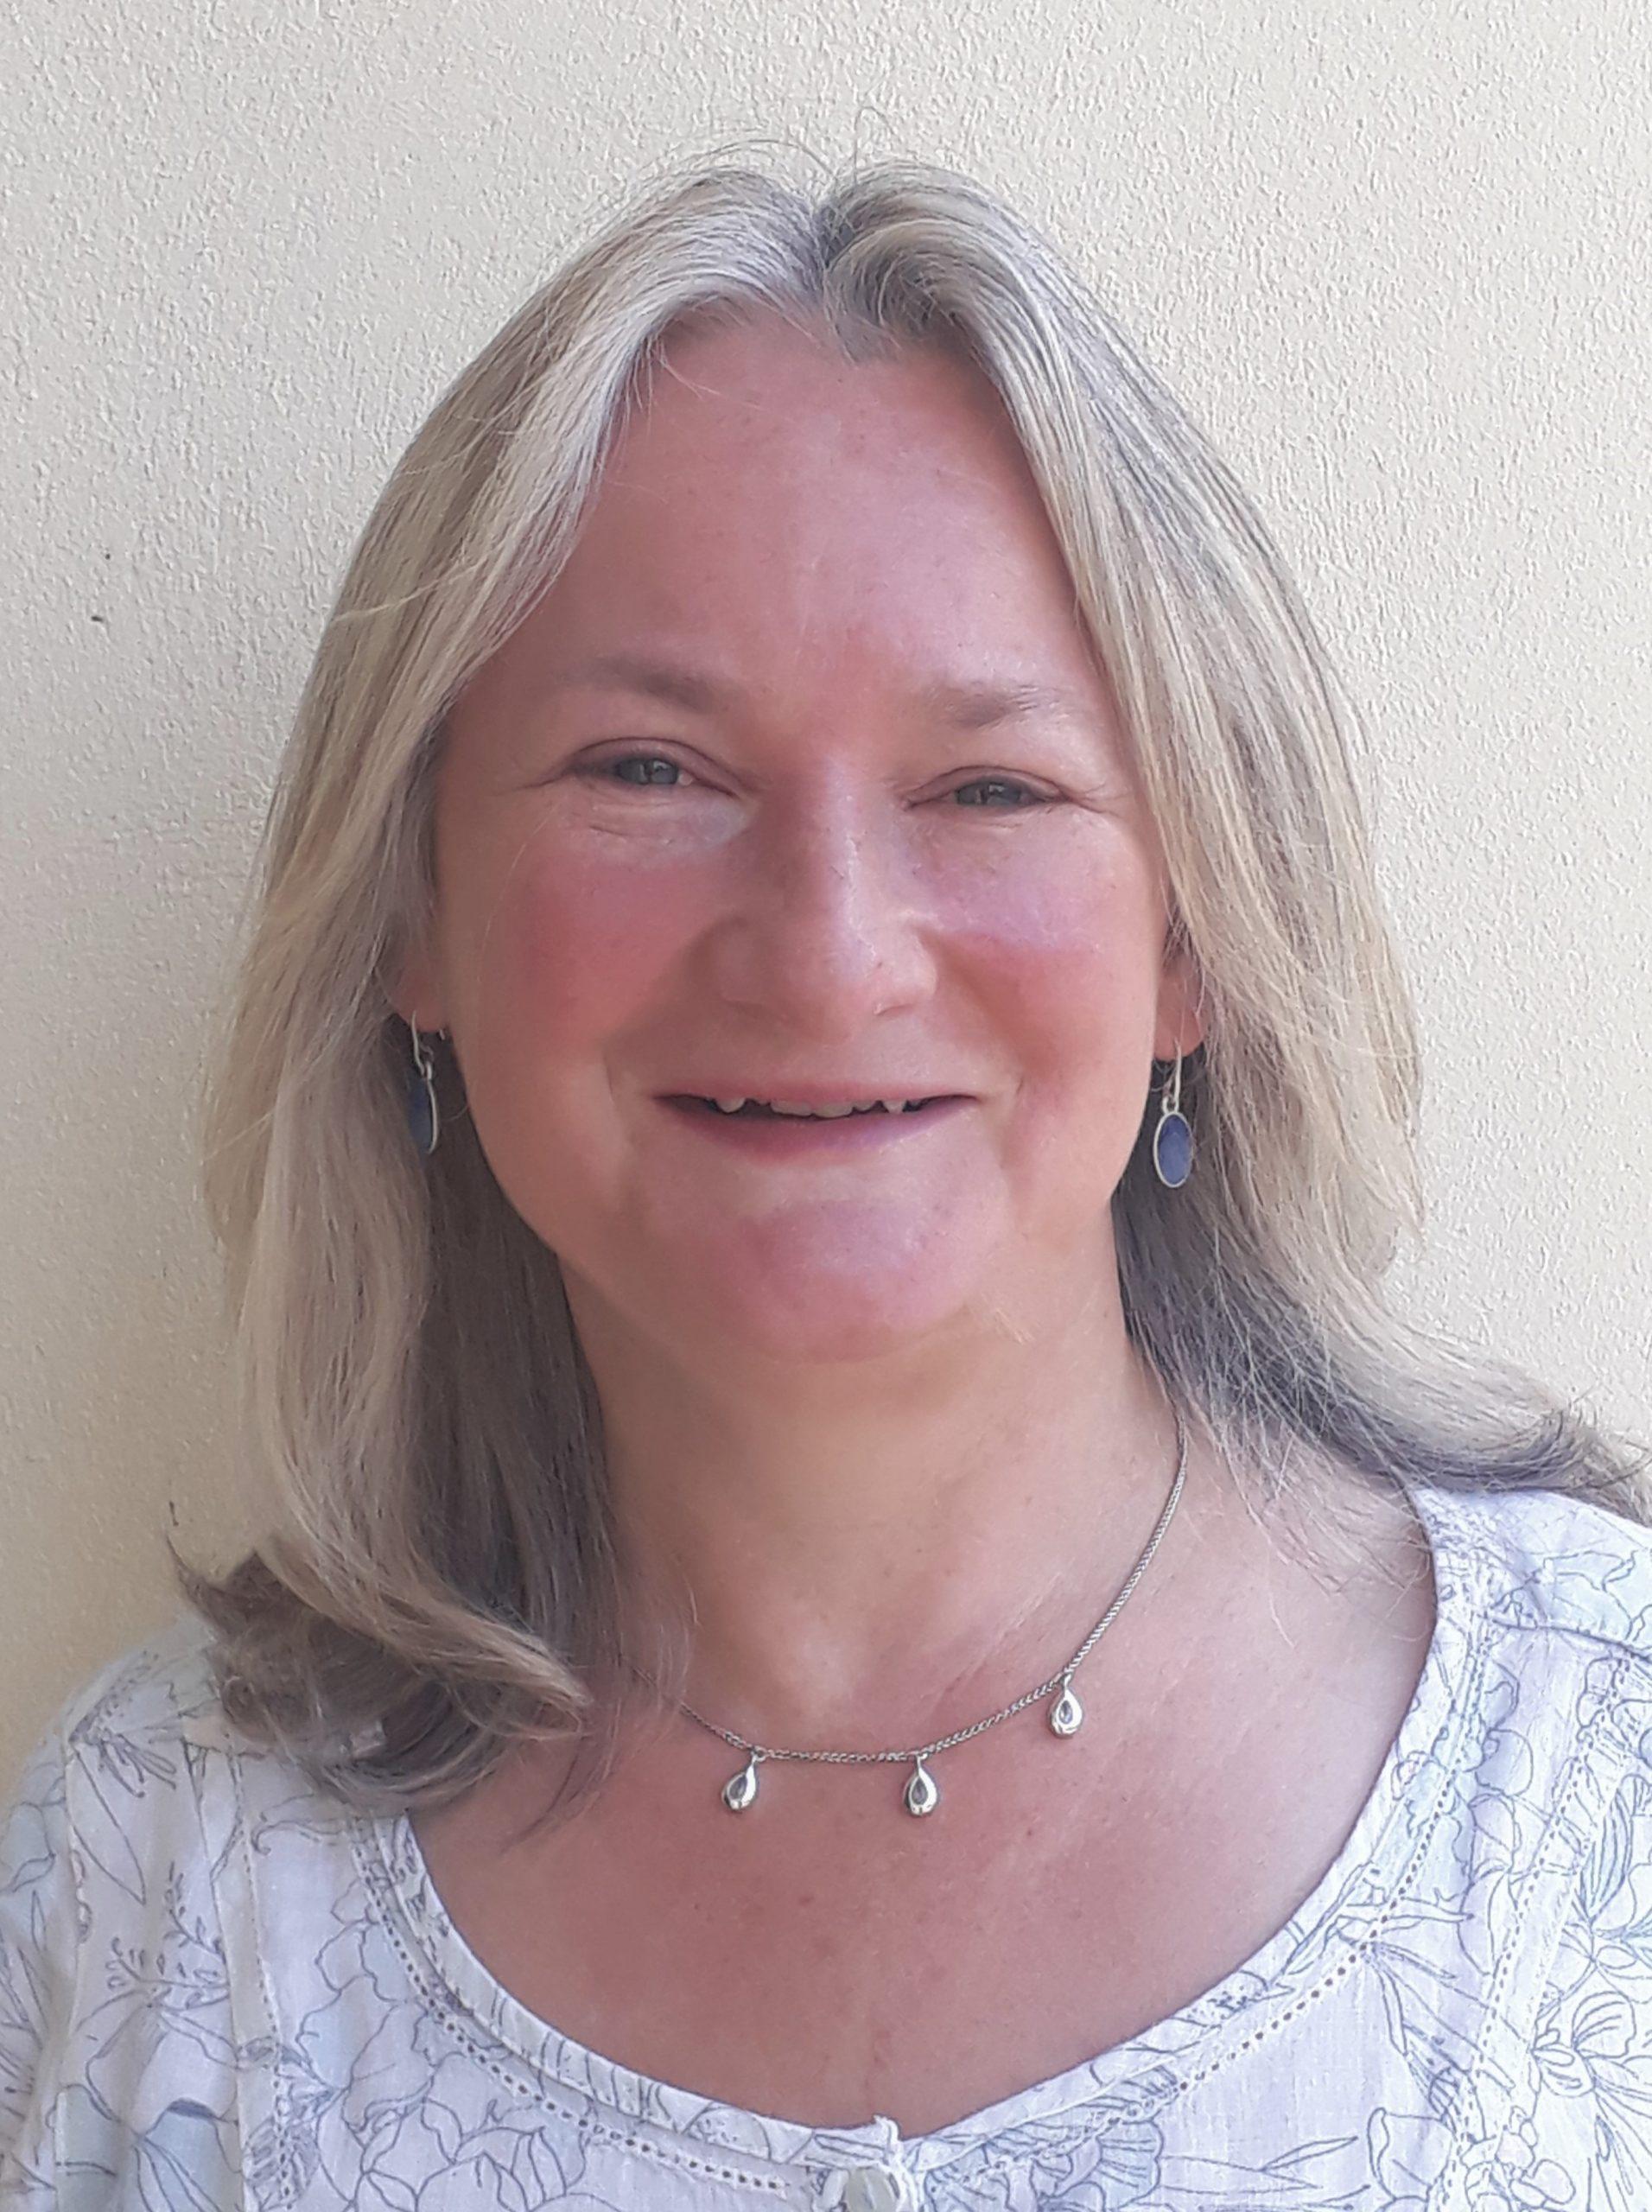 Face of Rachel Woods